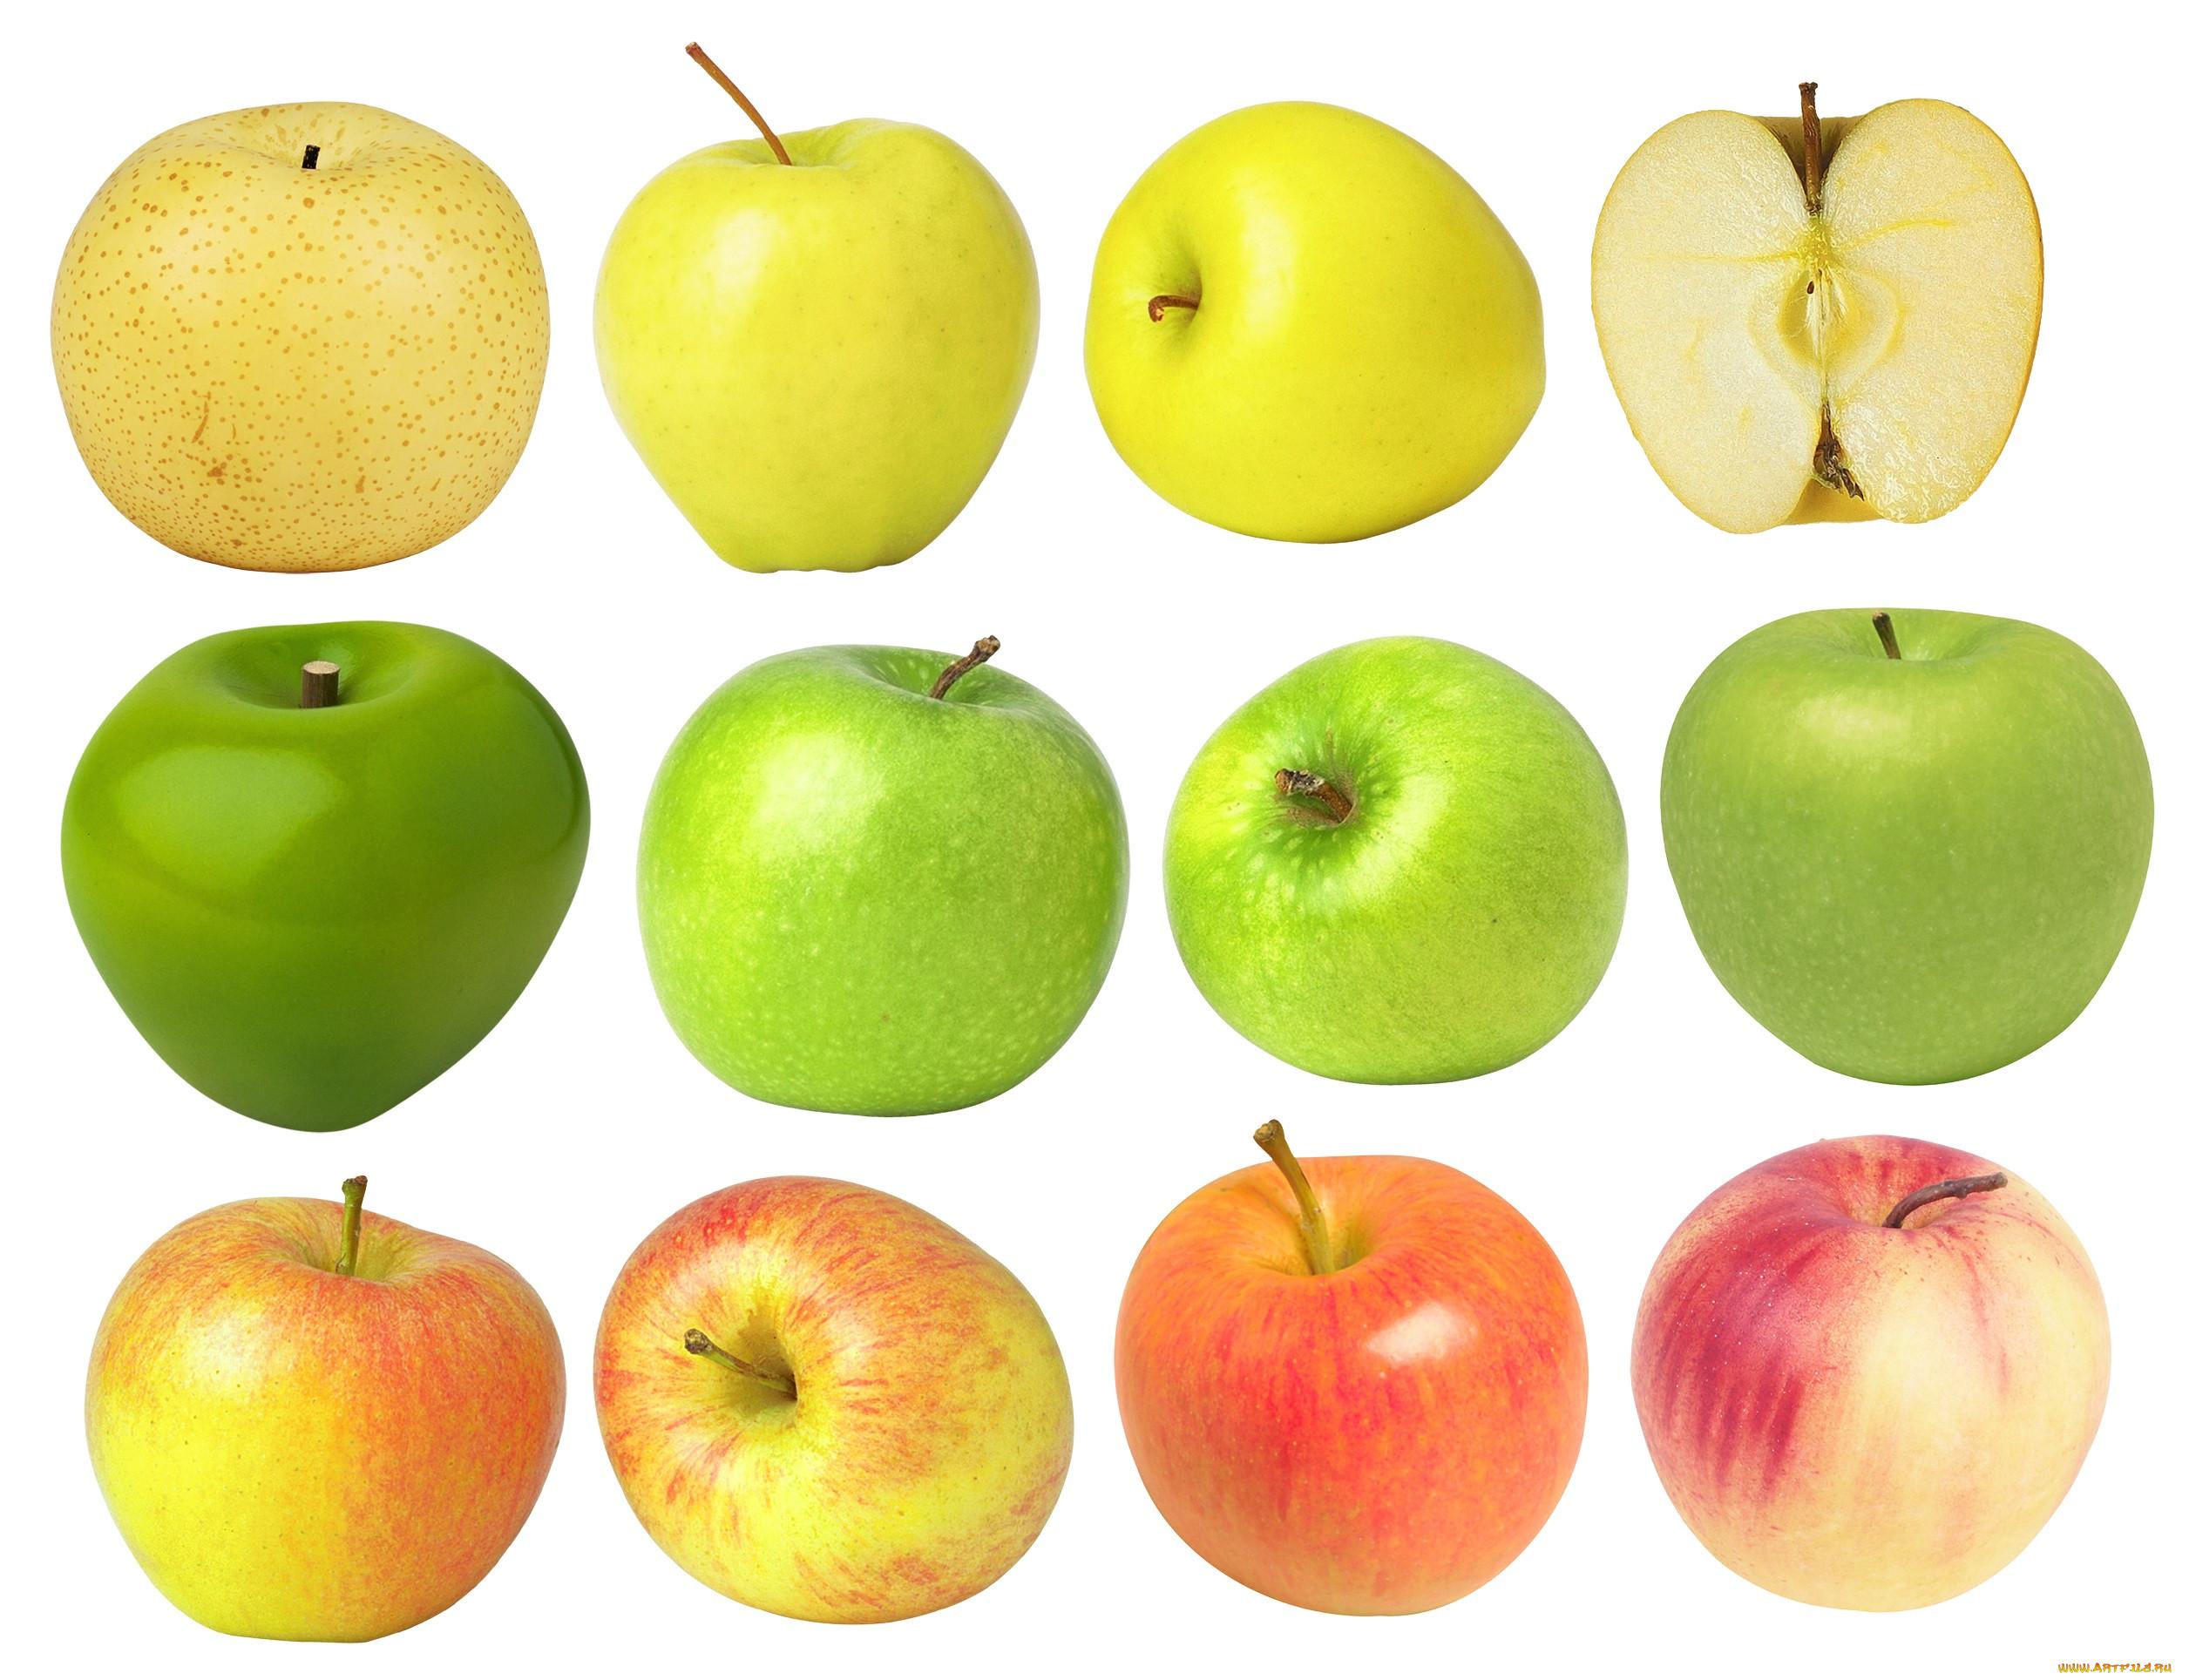 Картинки яблок разного цвета